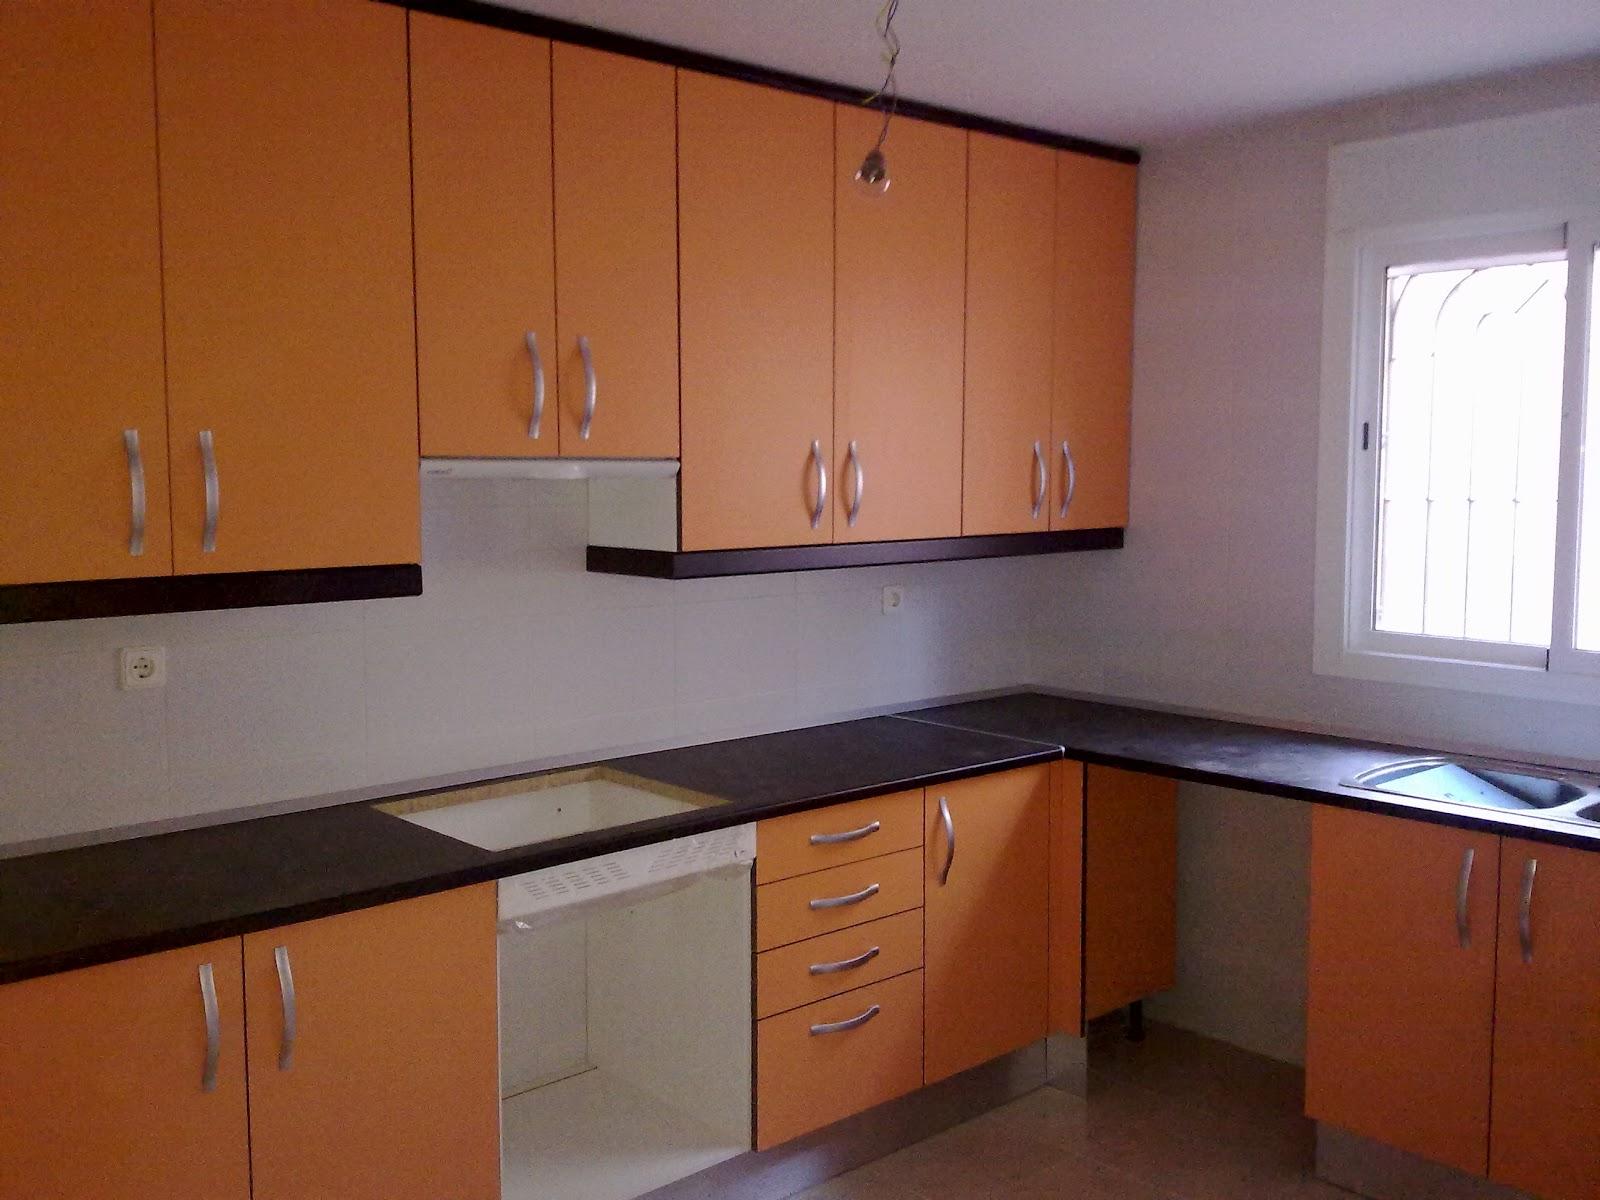 Laminado mate naranja remates y encimera glp 283 negro cocinas ayz eurolar madrid - Lamiplast cocinas ...